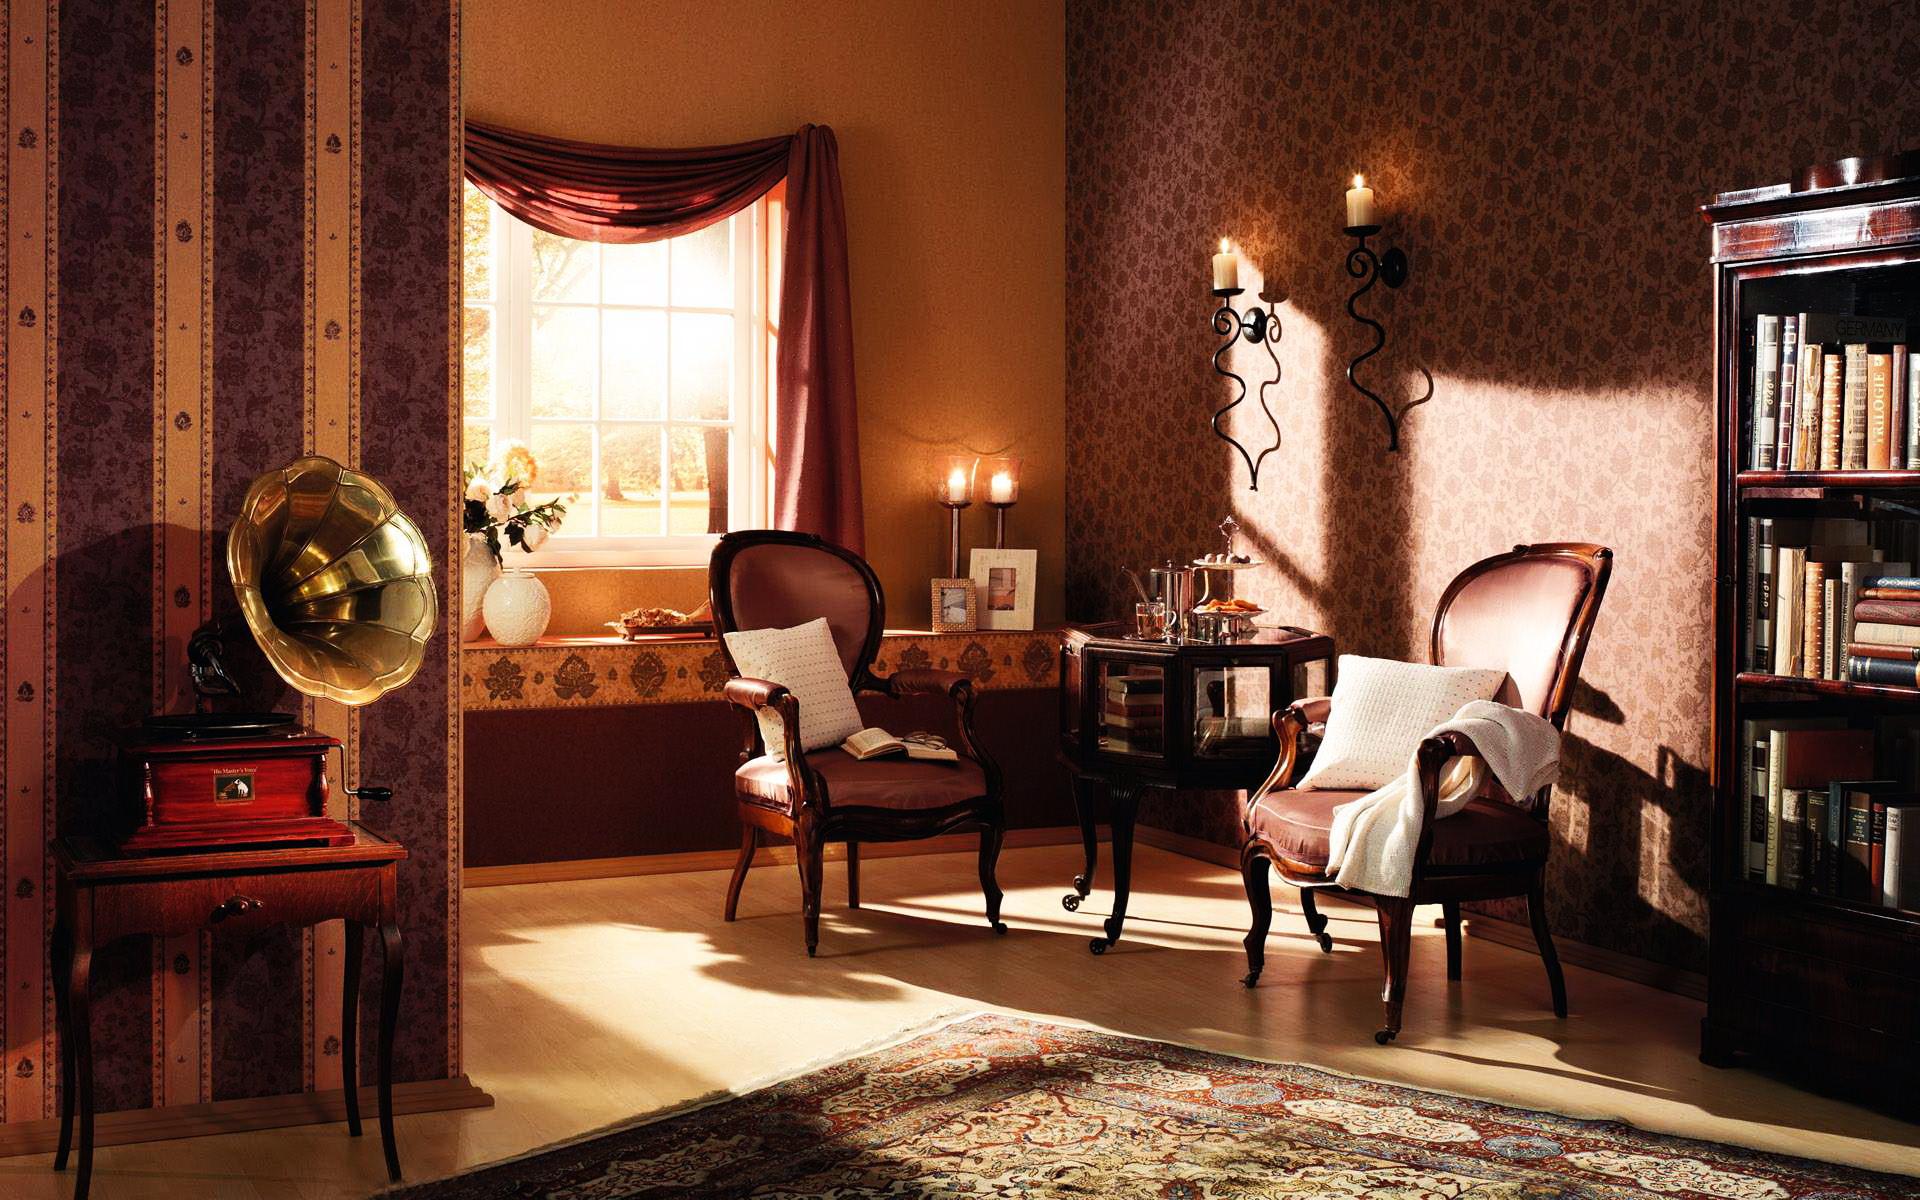 Фото комната под старину